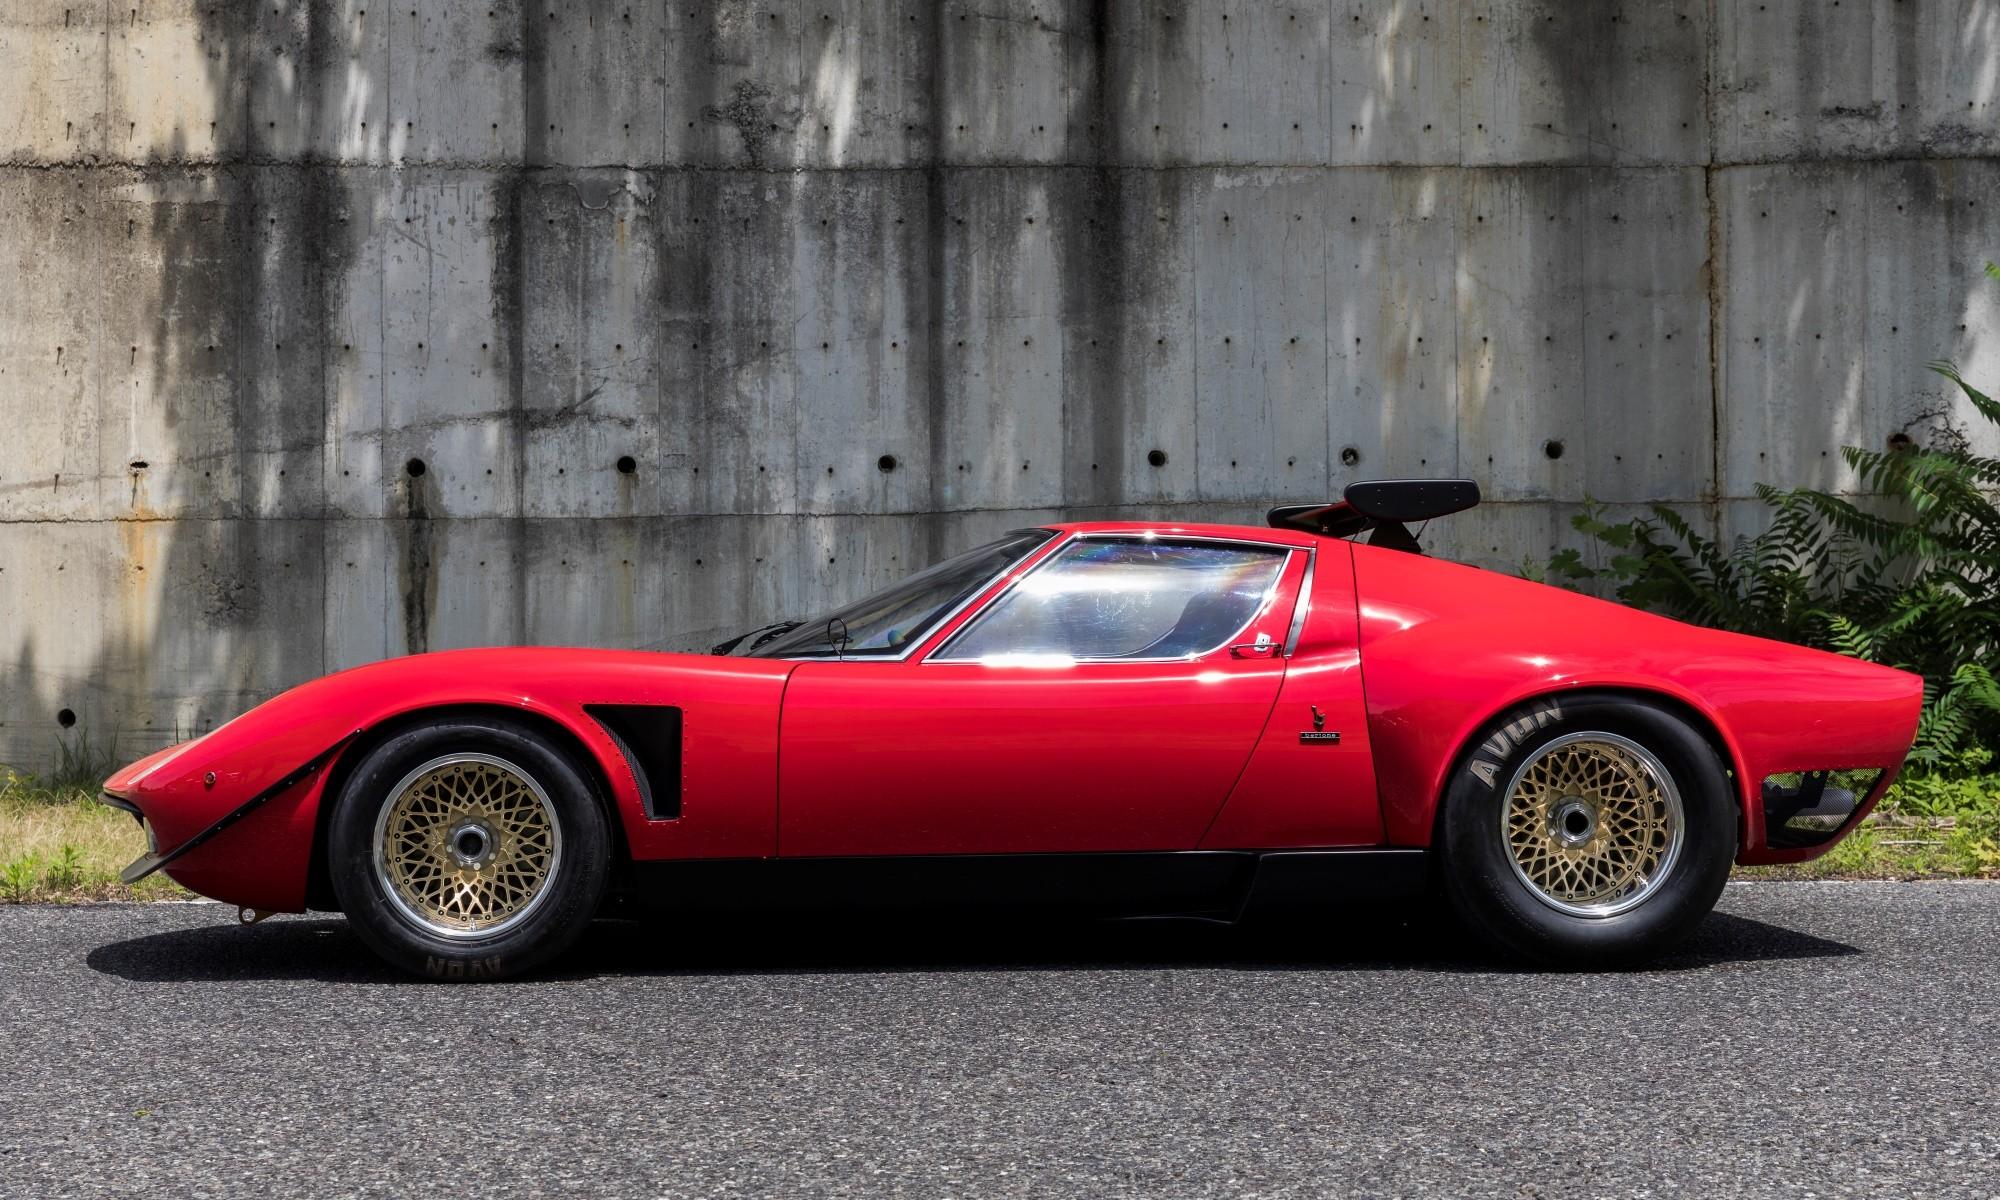 Lamborghini Miura SVR profile